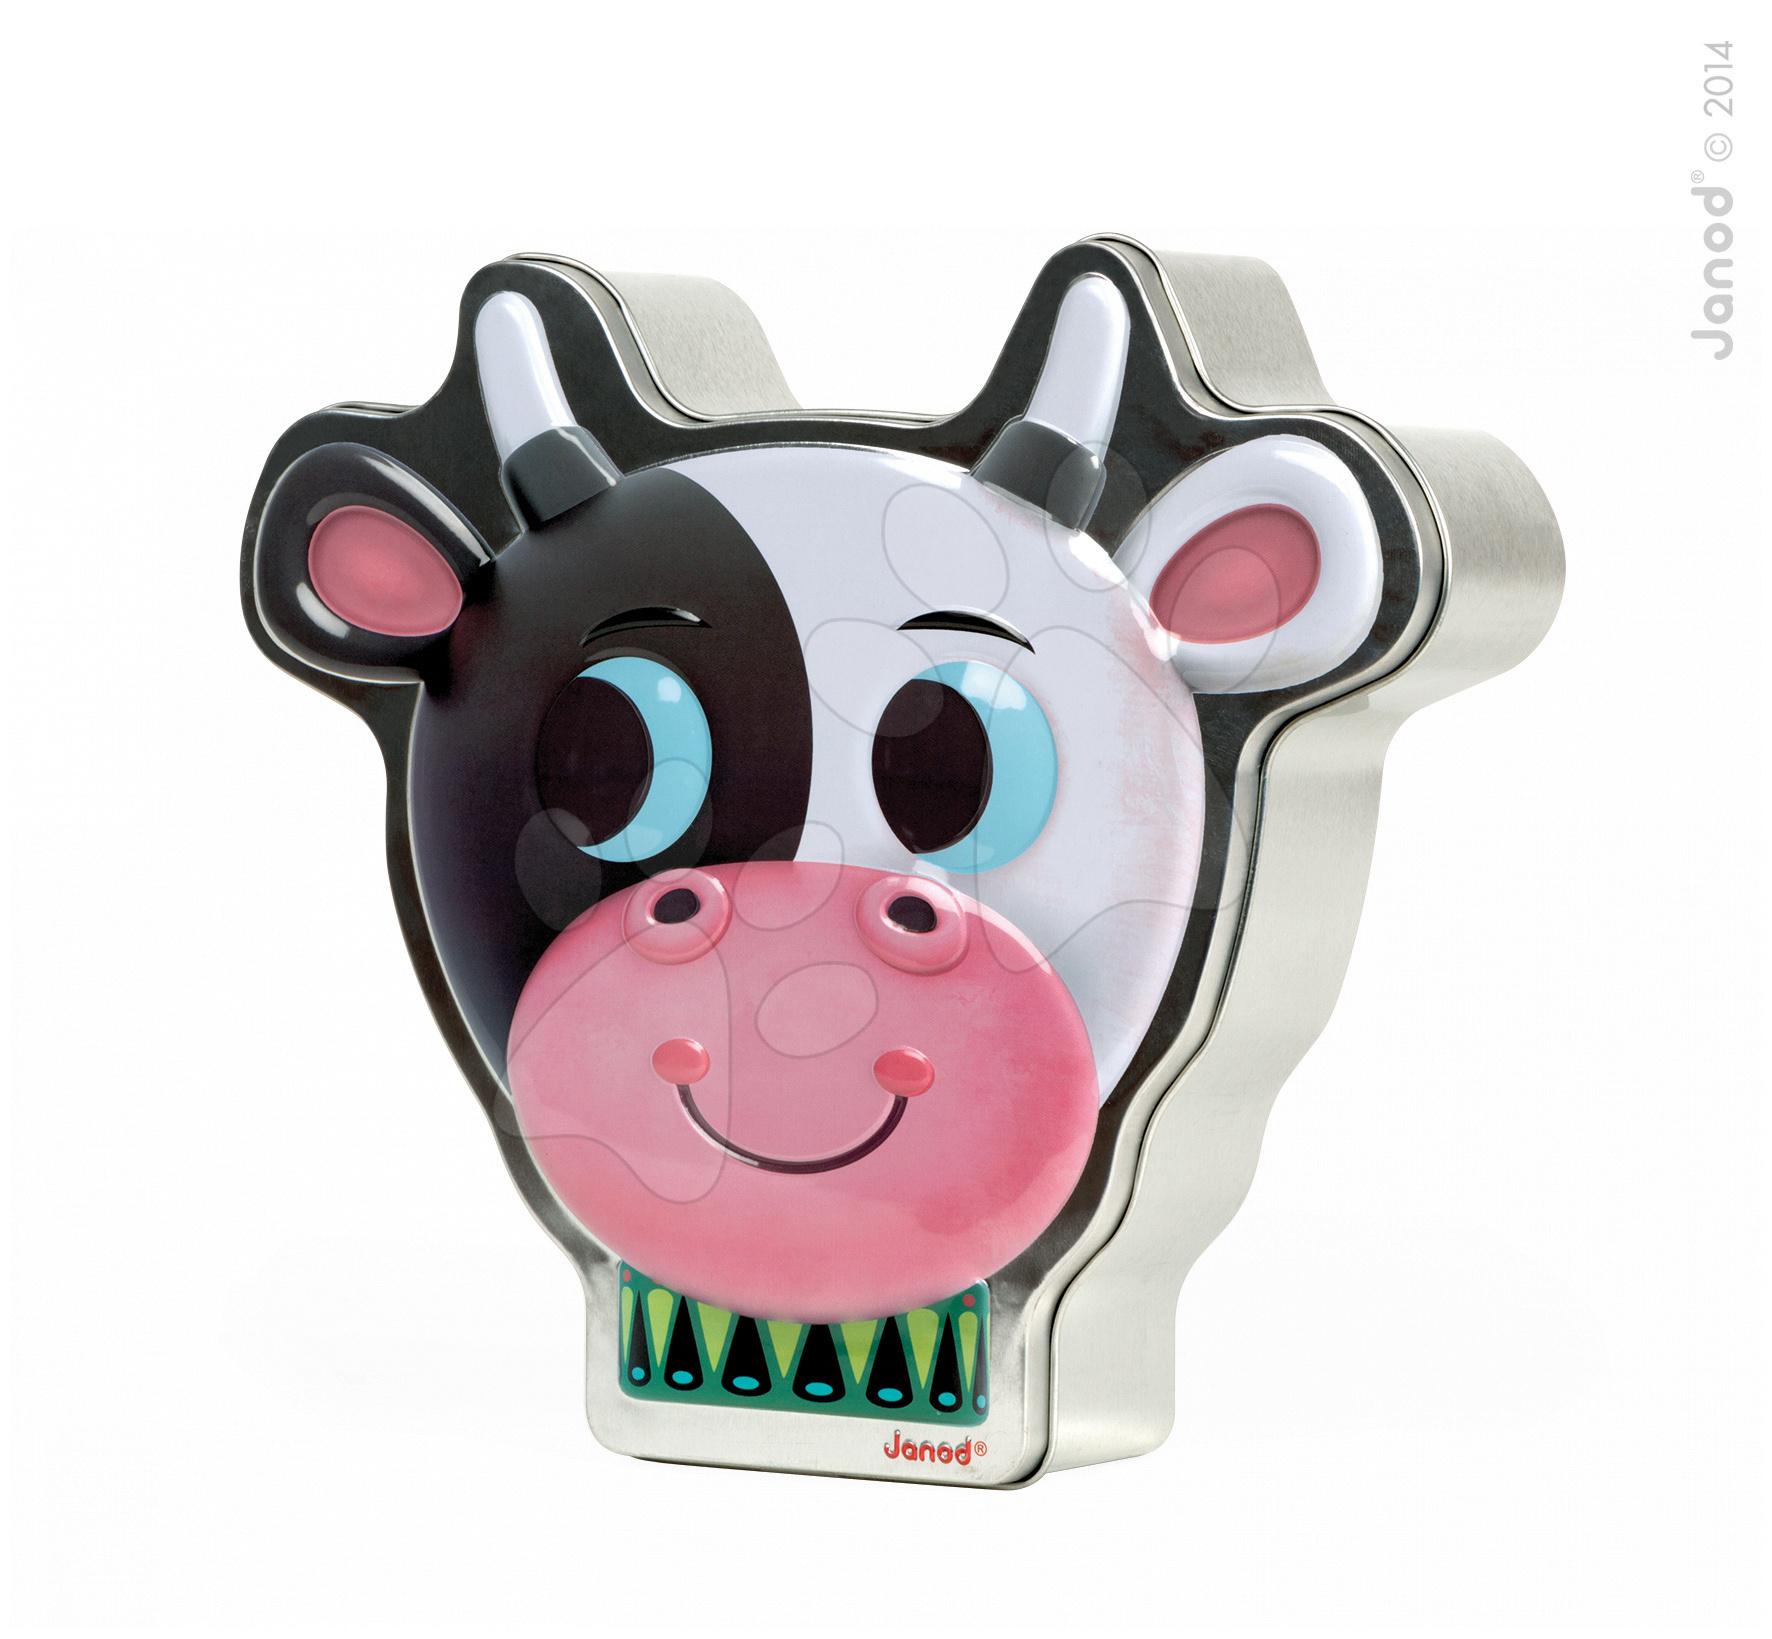 Dětská společenská hra Zoonimooz Cow Speed Game Janod v angličtině od 4-8 let